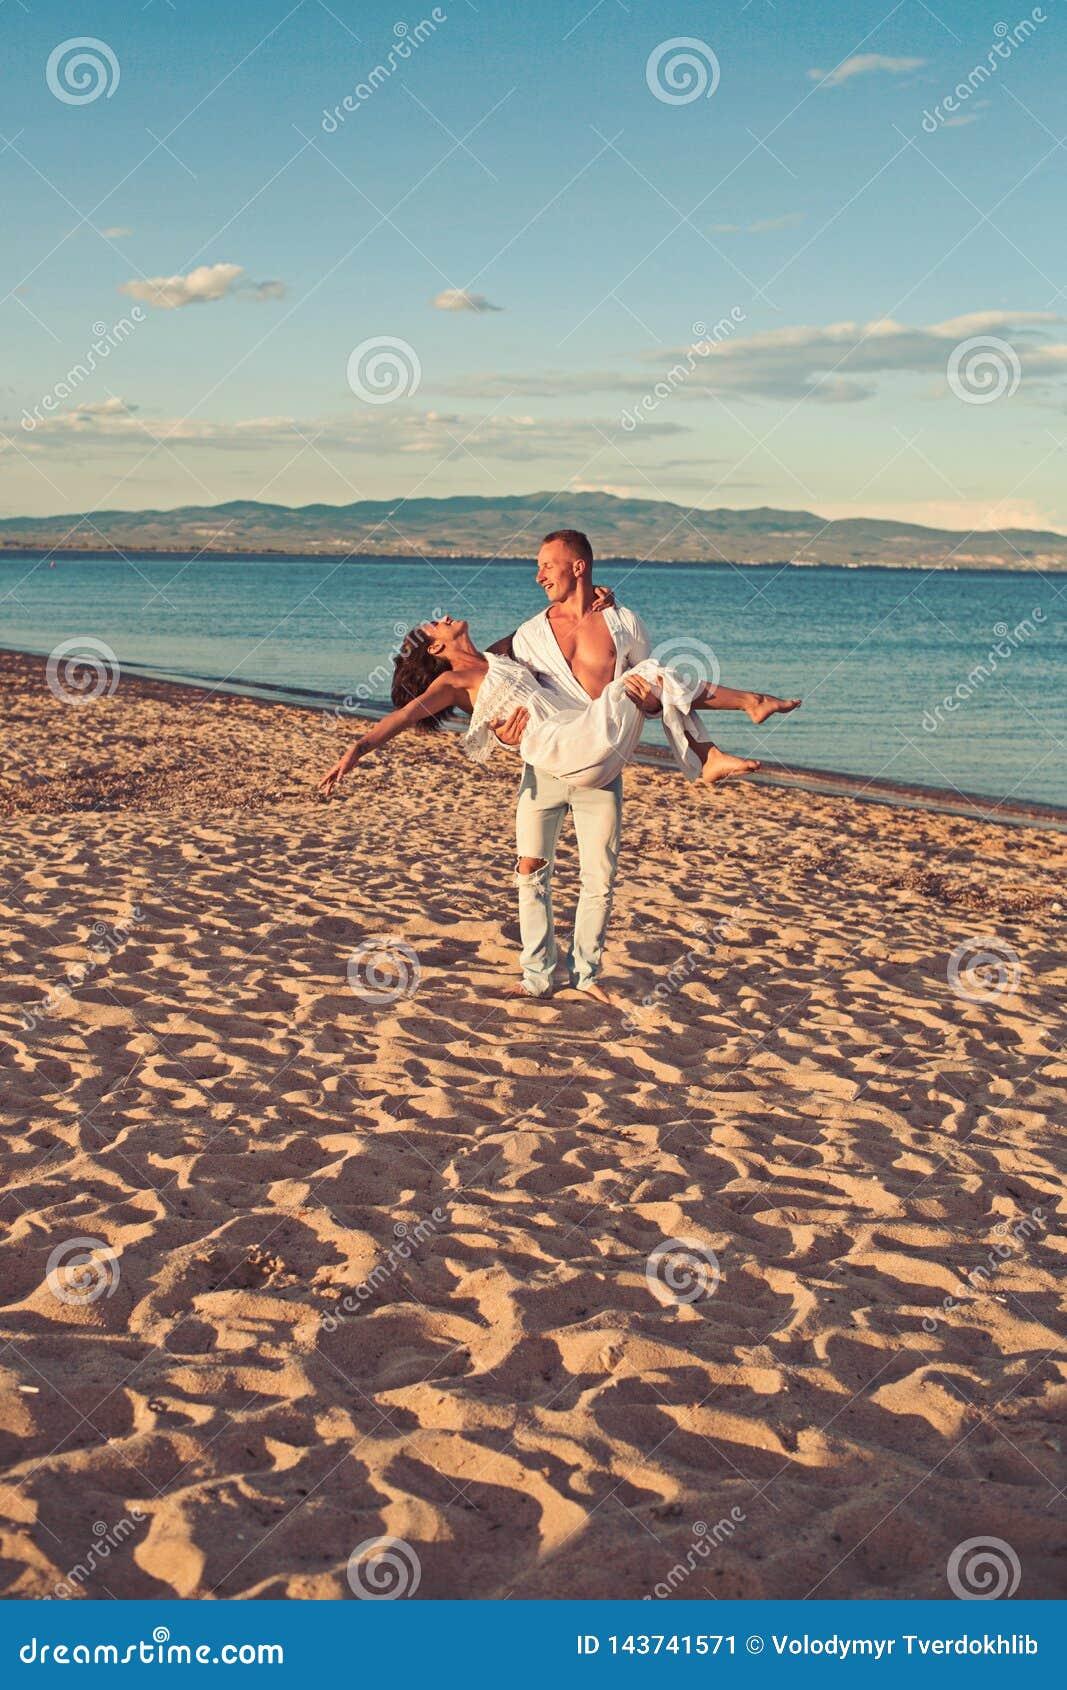 Wittebroodswekenconcept wittebroodsweken van jong mooi paar met man holdingsvrouw op handen op zandig strand